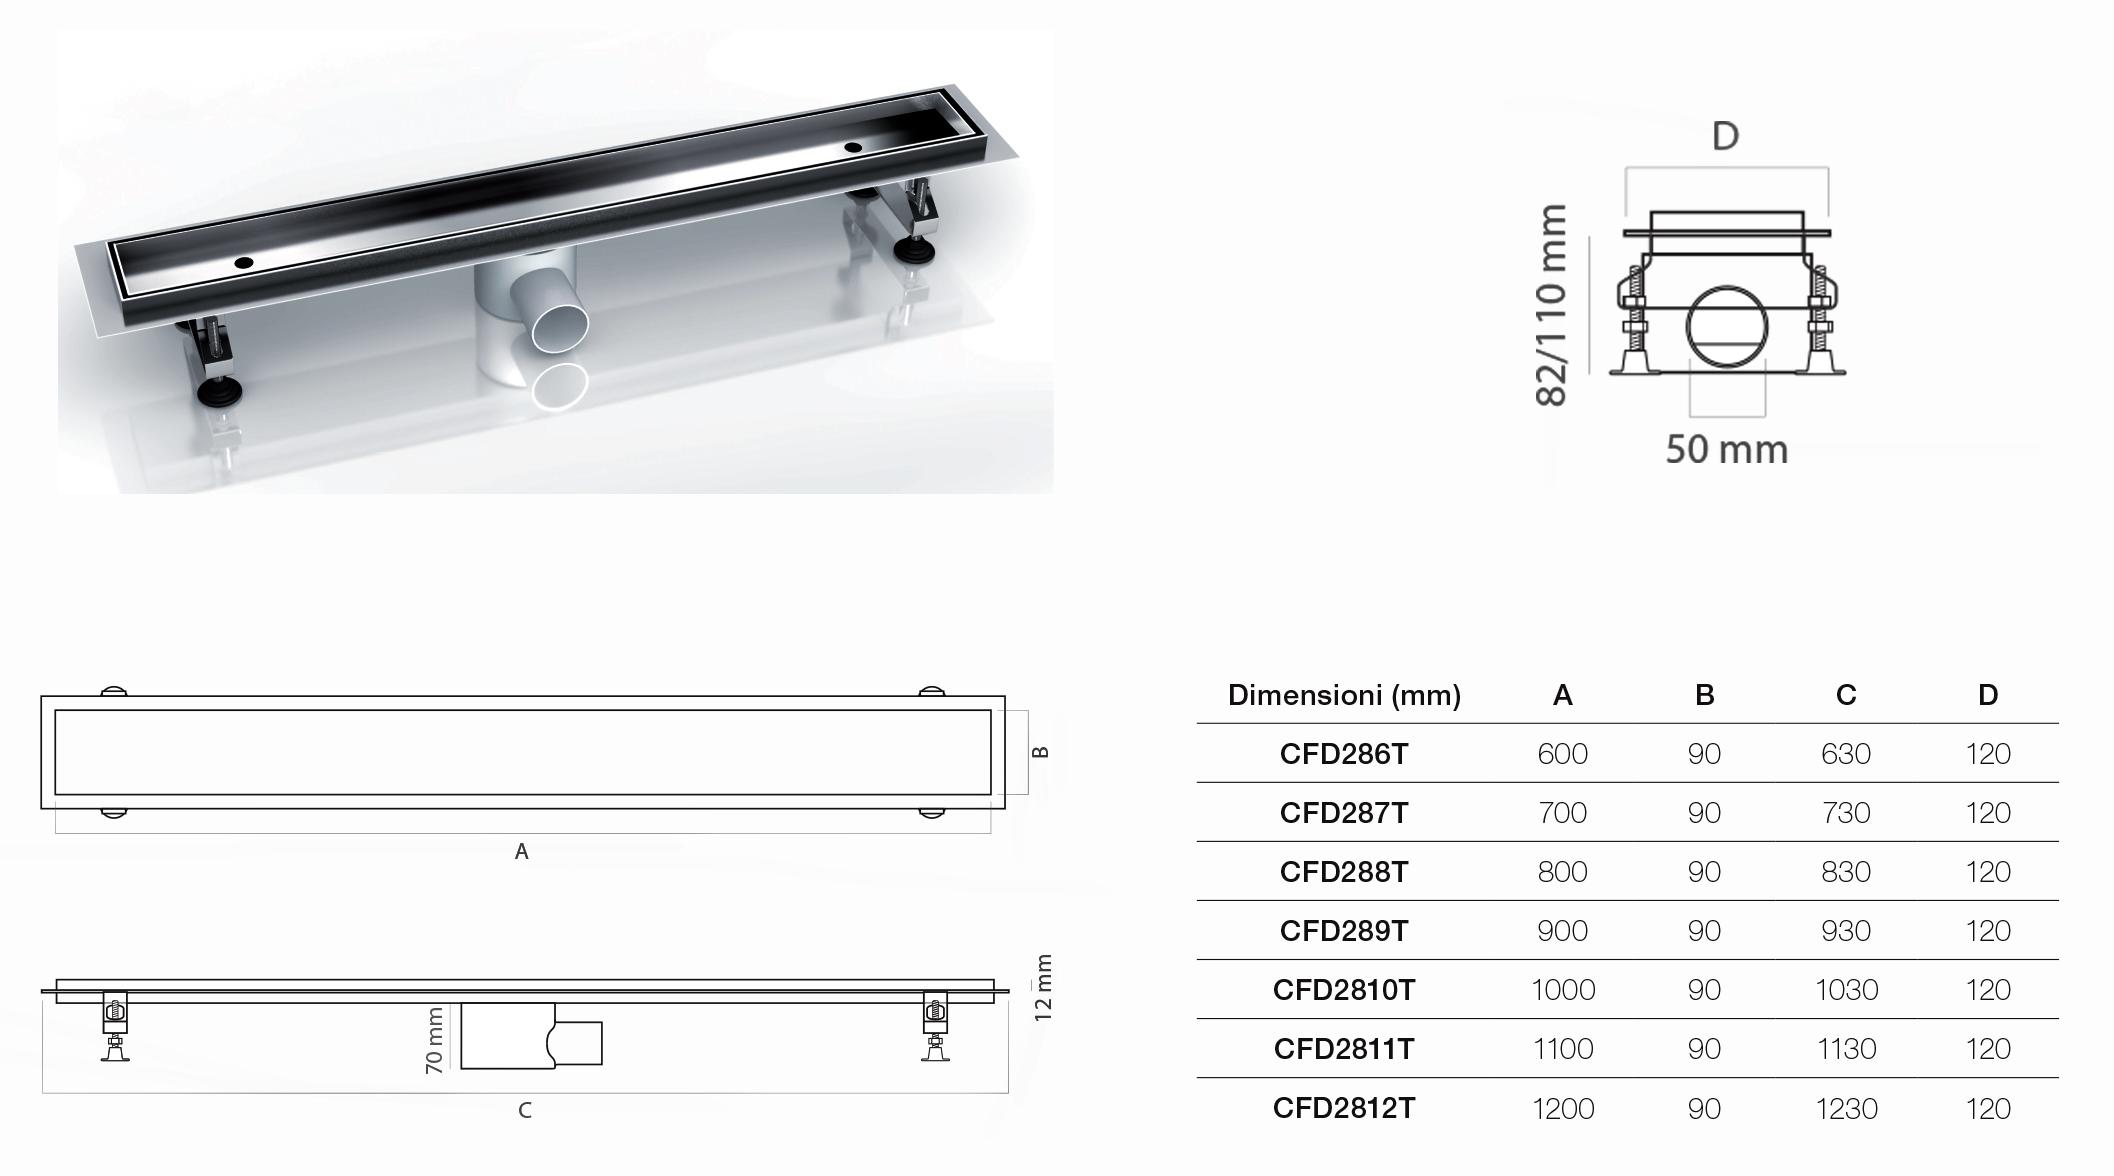 Canalina di scarico piastrellabile acciaio inox 60x9x9 5 - Piatto doccia piastrellabile ...